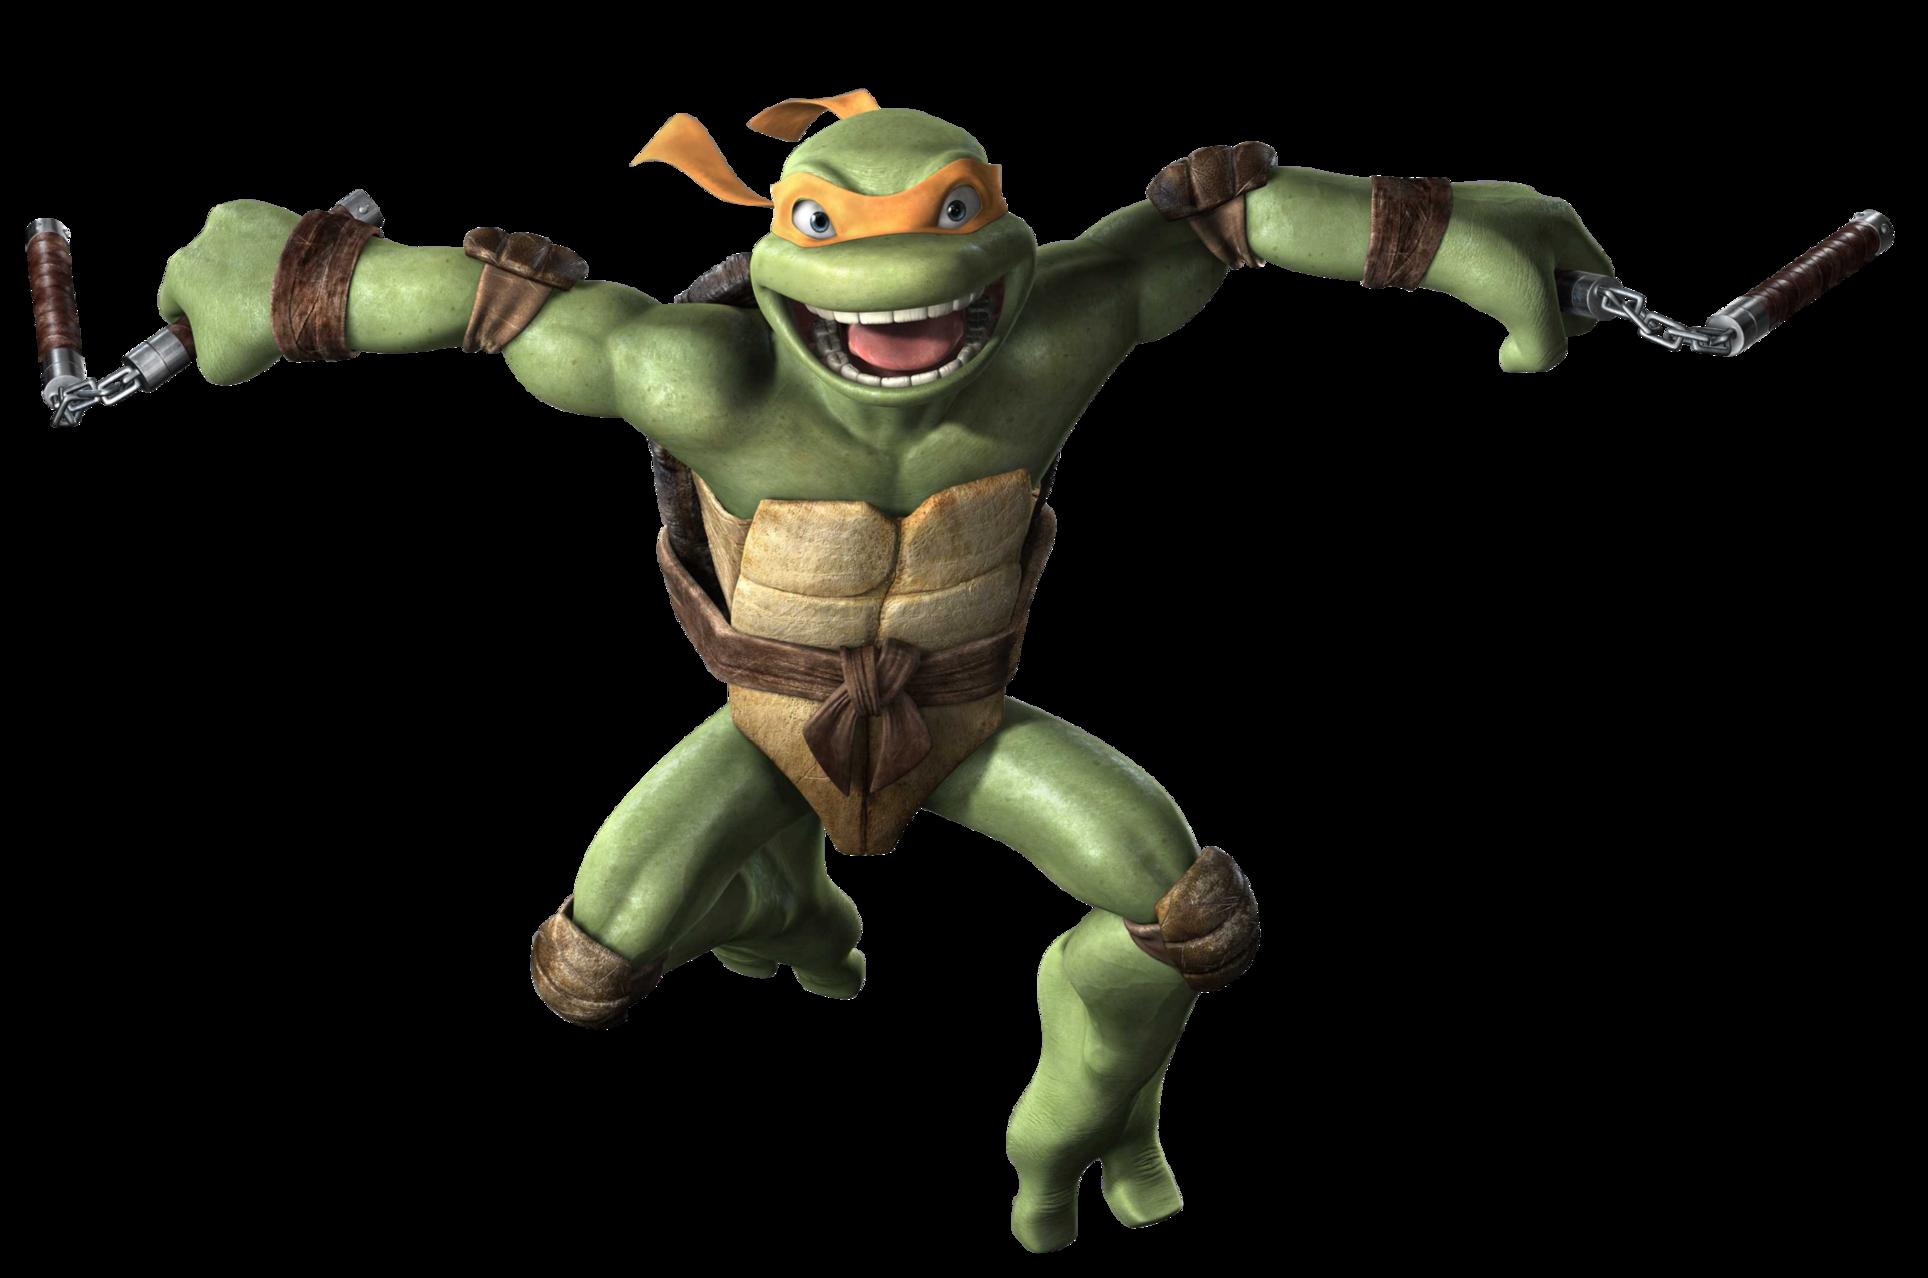 michelangelo ninja turtle pictures image information michelangelo